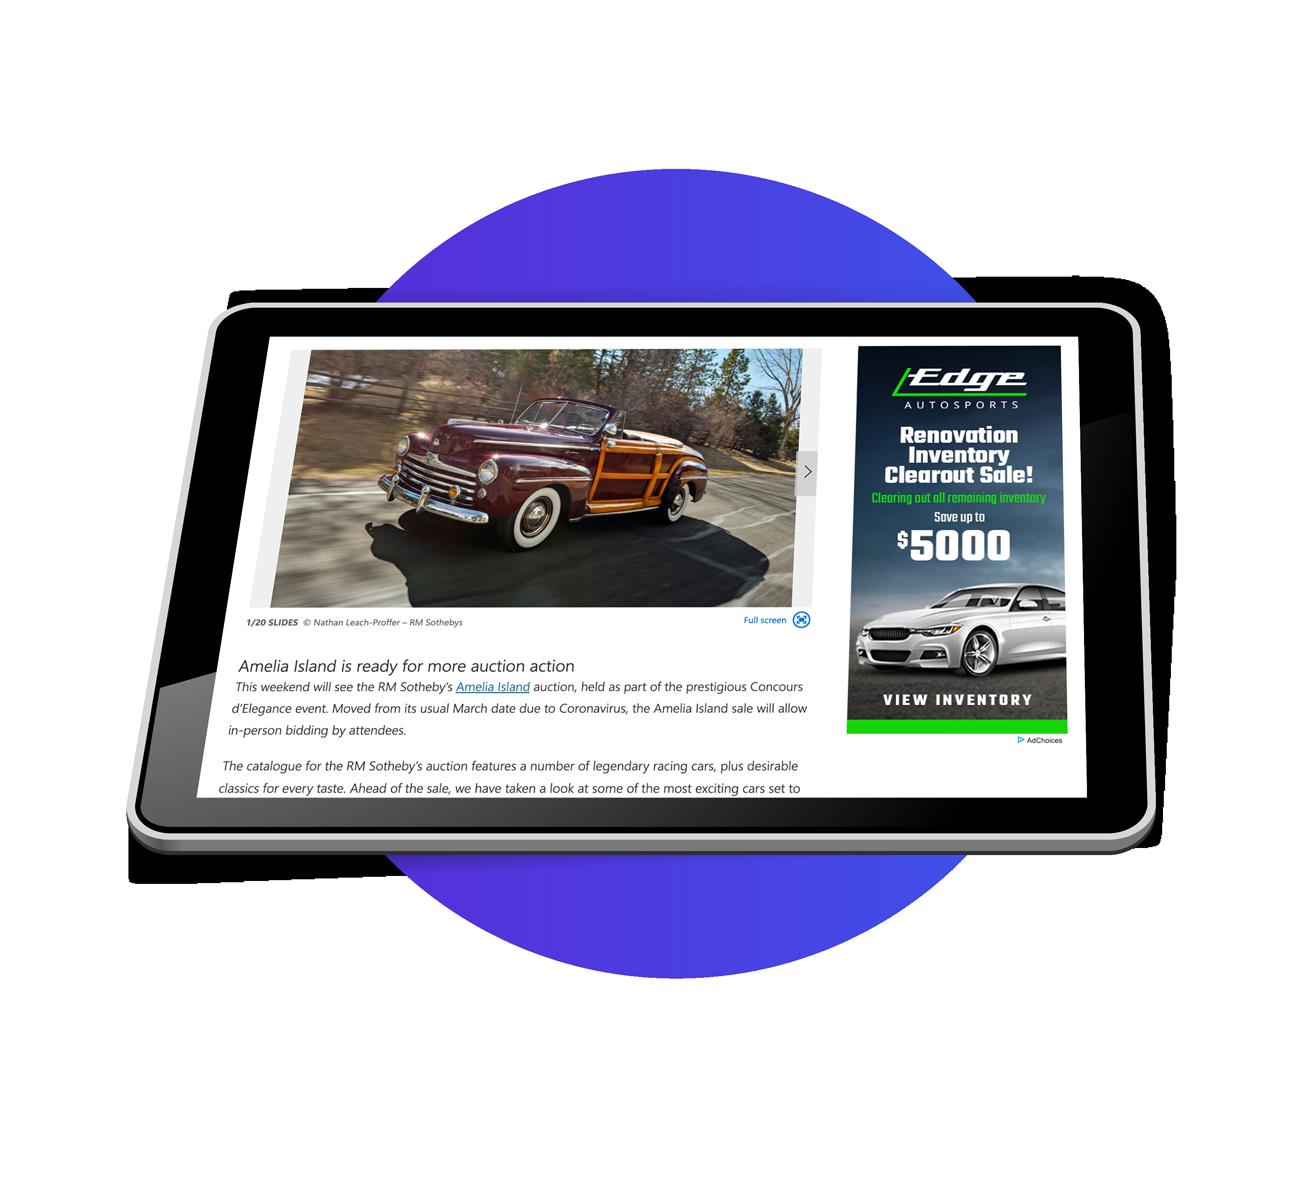 Device-ipad-Display-ads